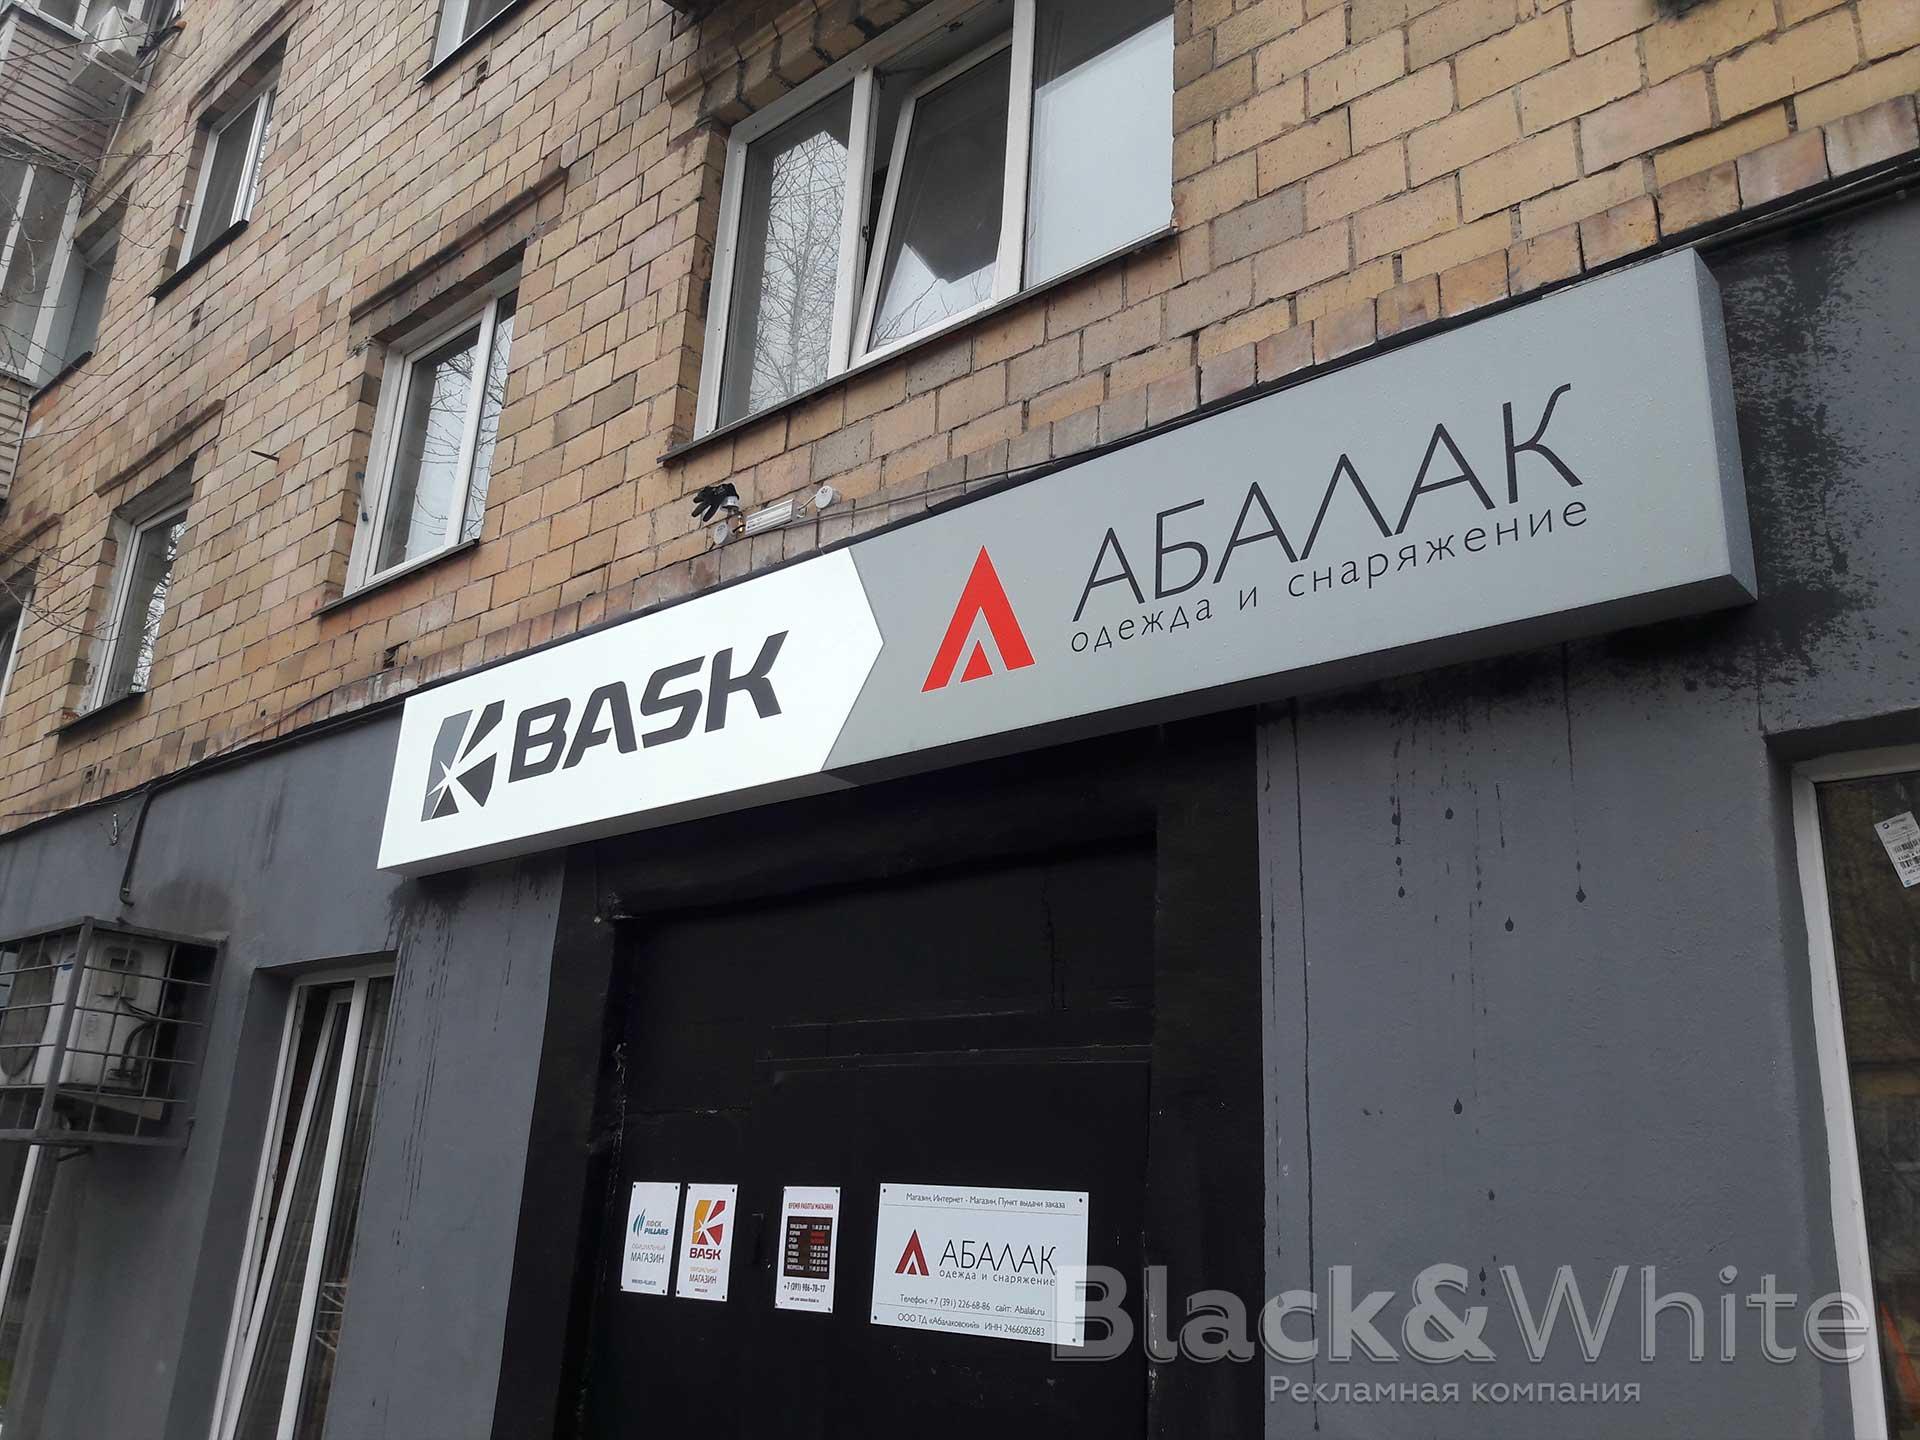 световой-акриловый-короб-изготовление-на-заказ-Black-&-White-24-Красноярск.jpg